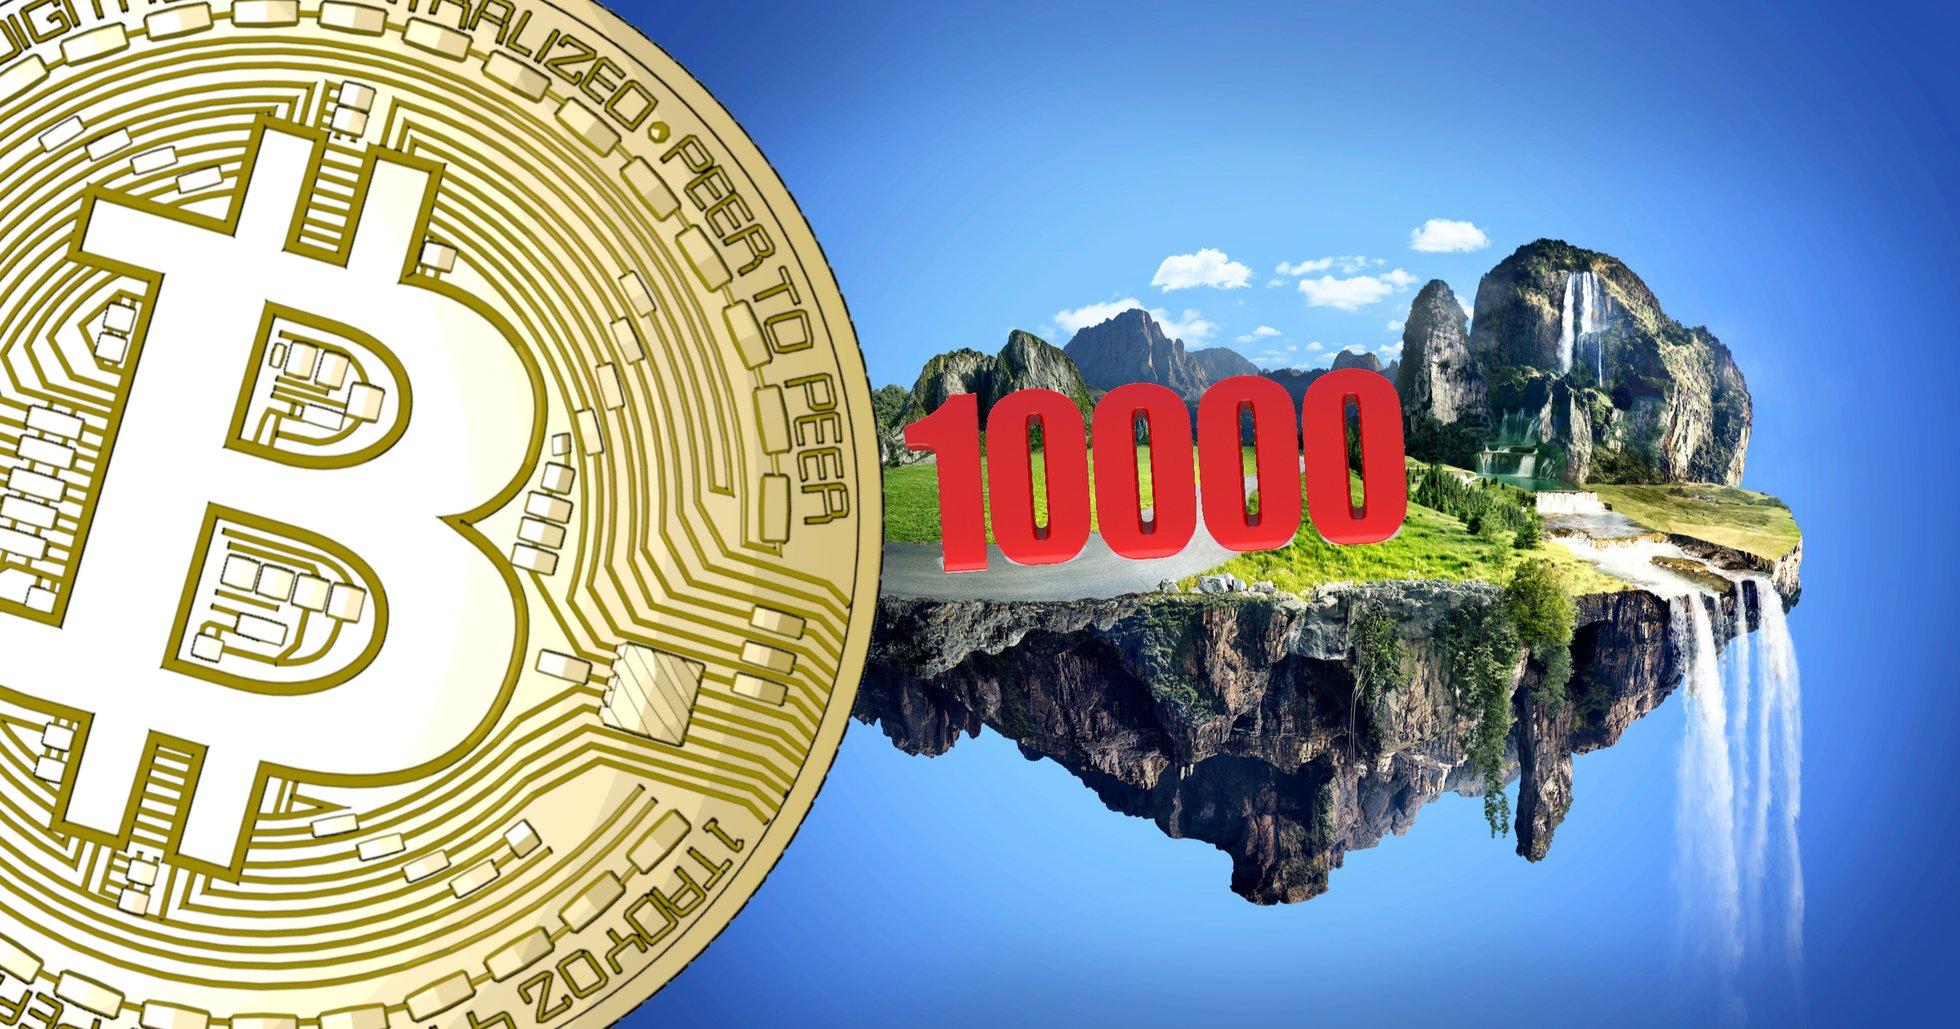 Bitcoinpriset har parkerat strax över 10 000 dollar – altcoins visar röda siffror.